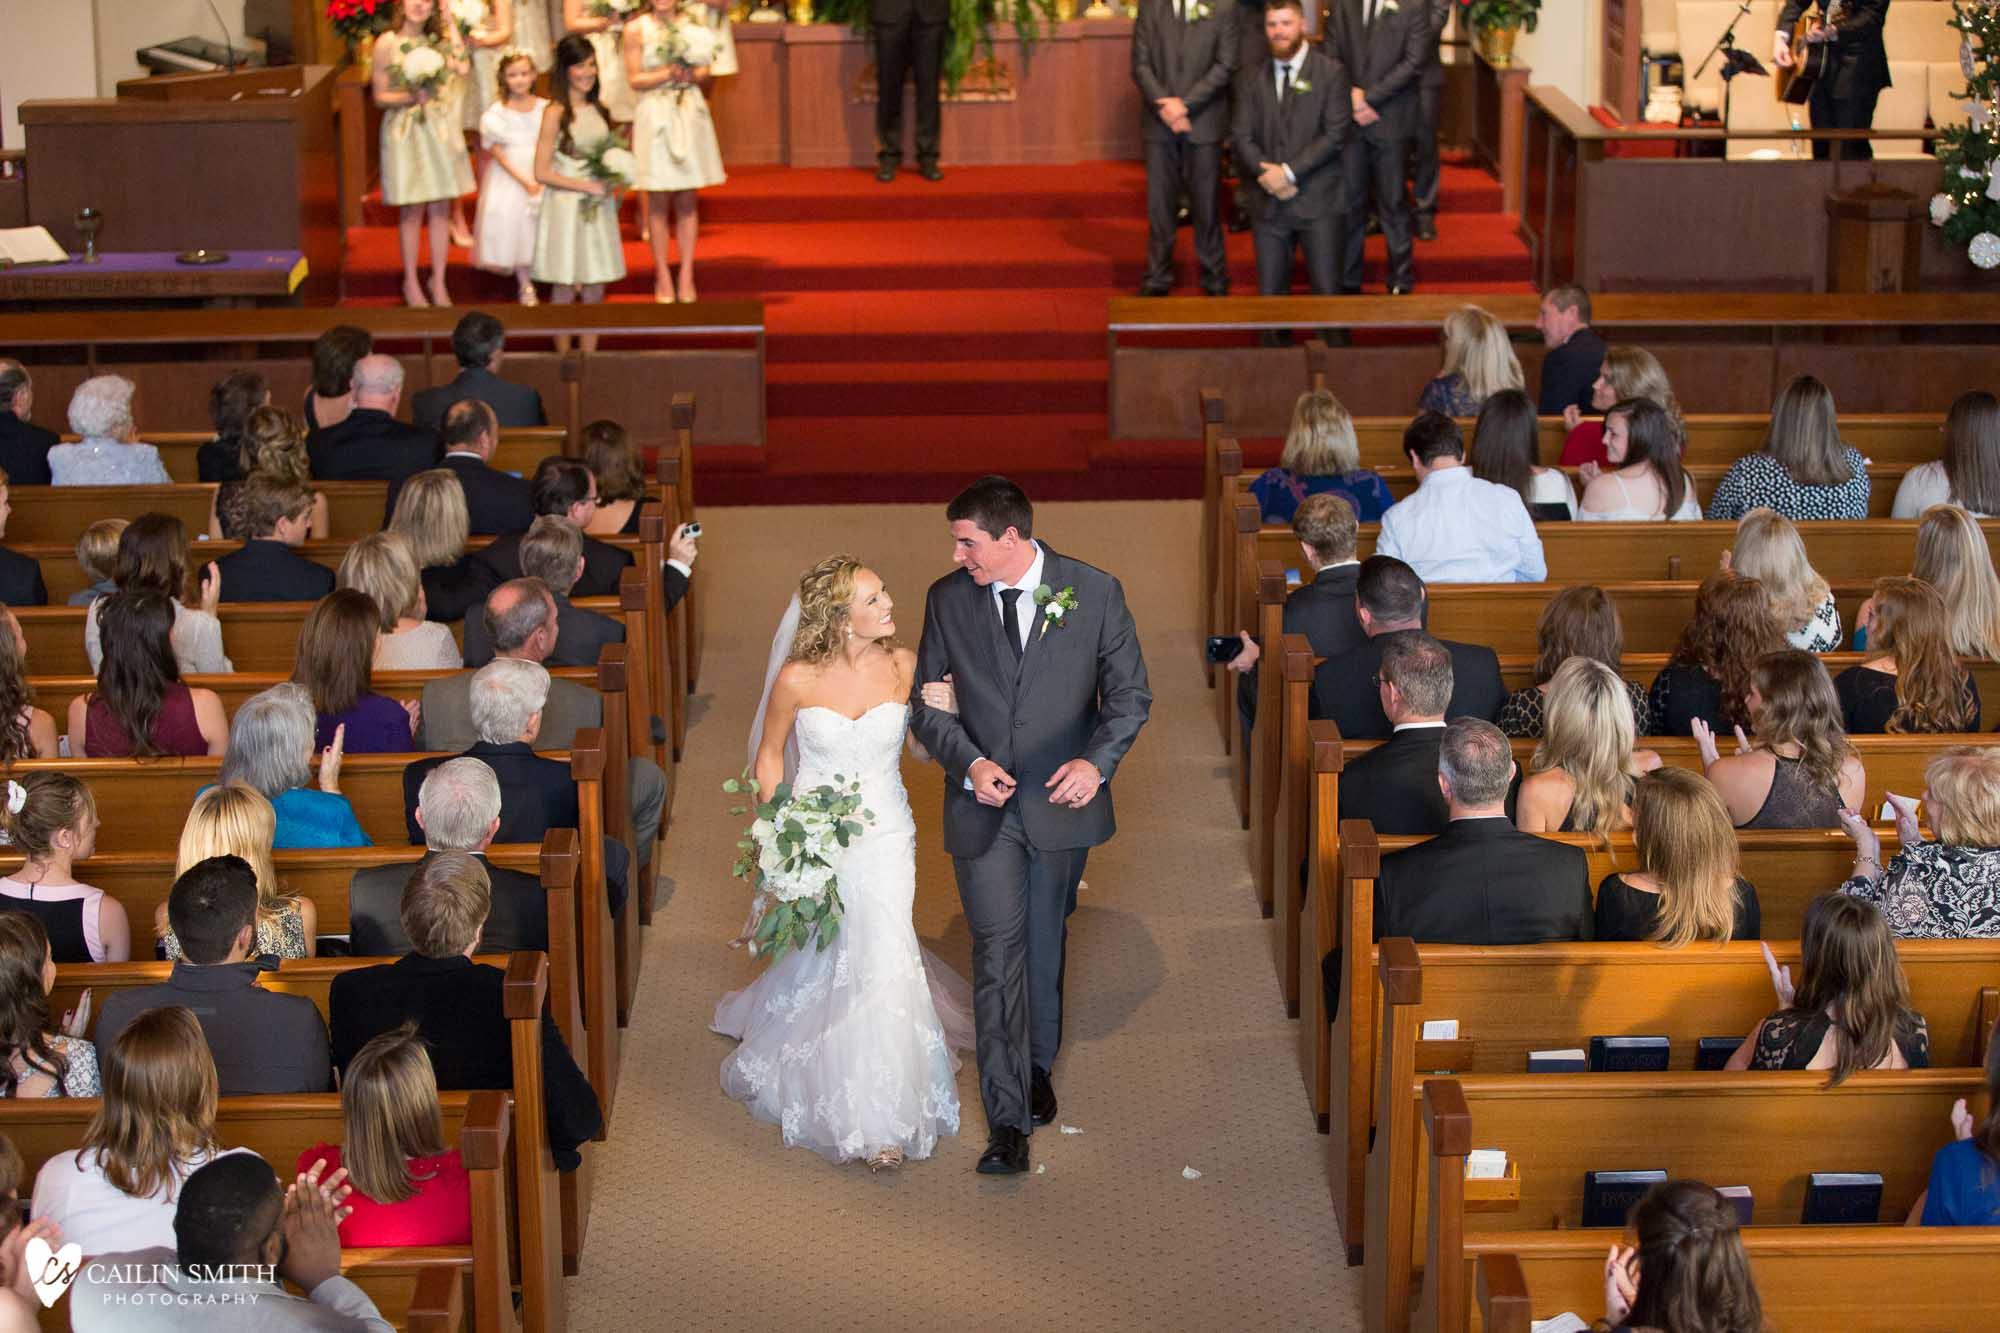 Leah_Major_St_Marys_Wedding_Photography_081.jpg